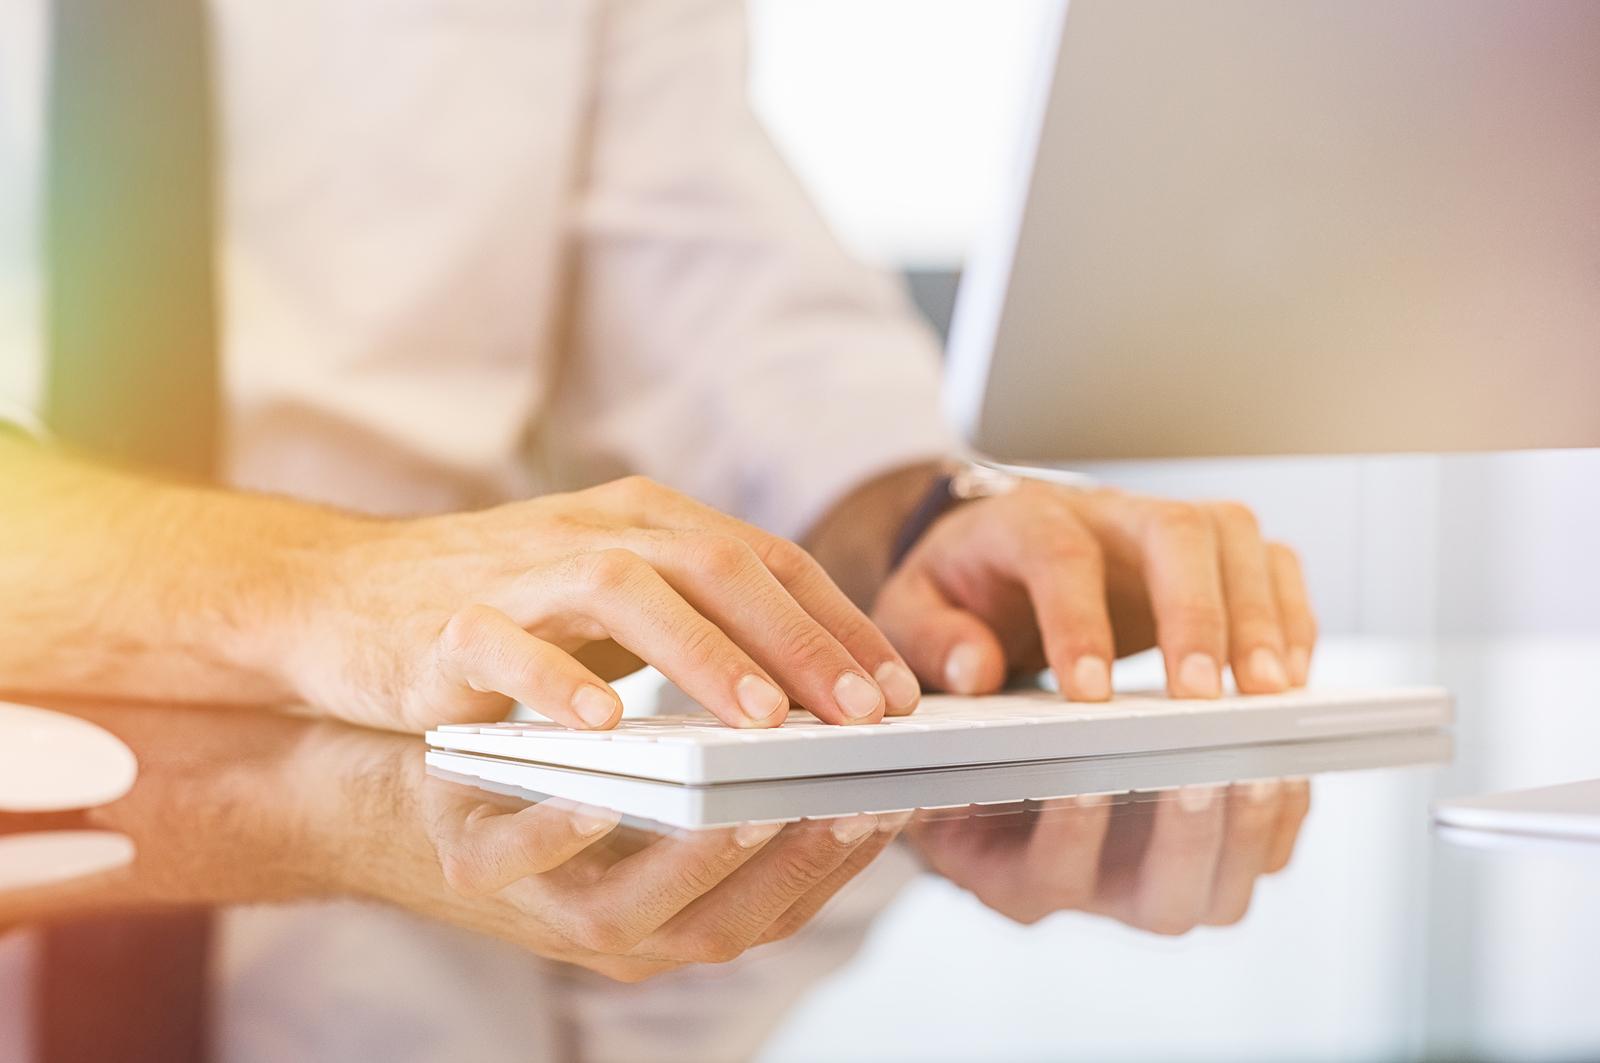 Cita previa a través de Internet: cómo pedirla